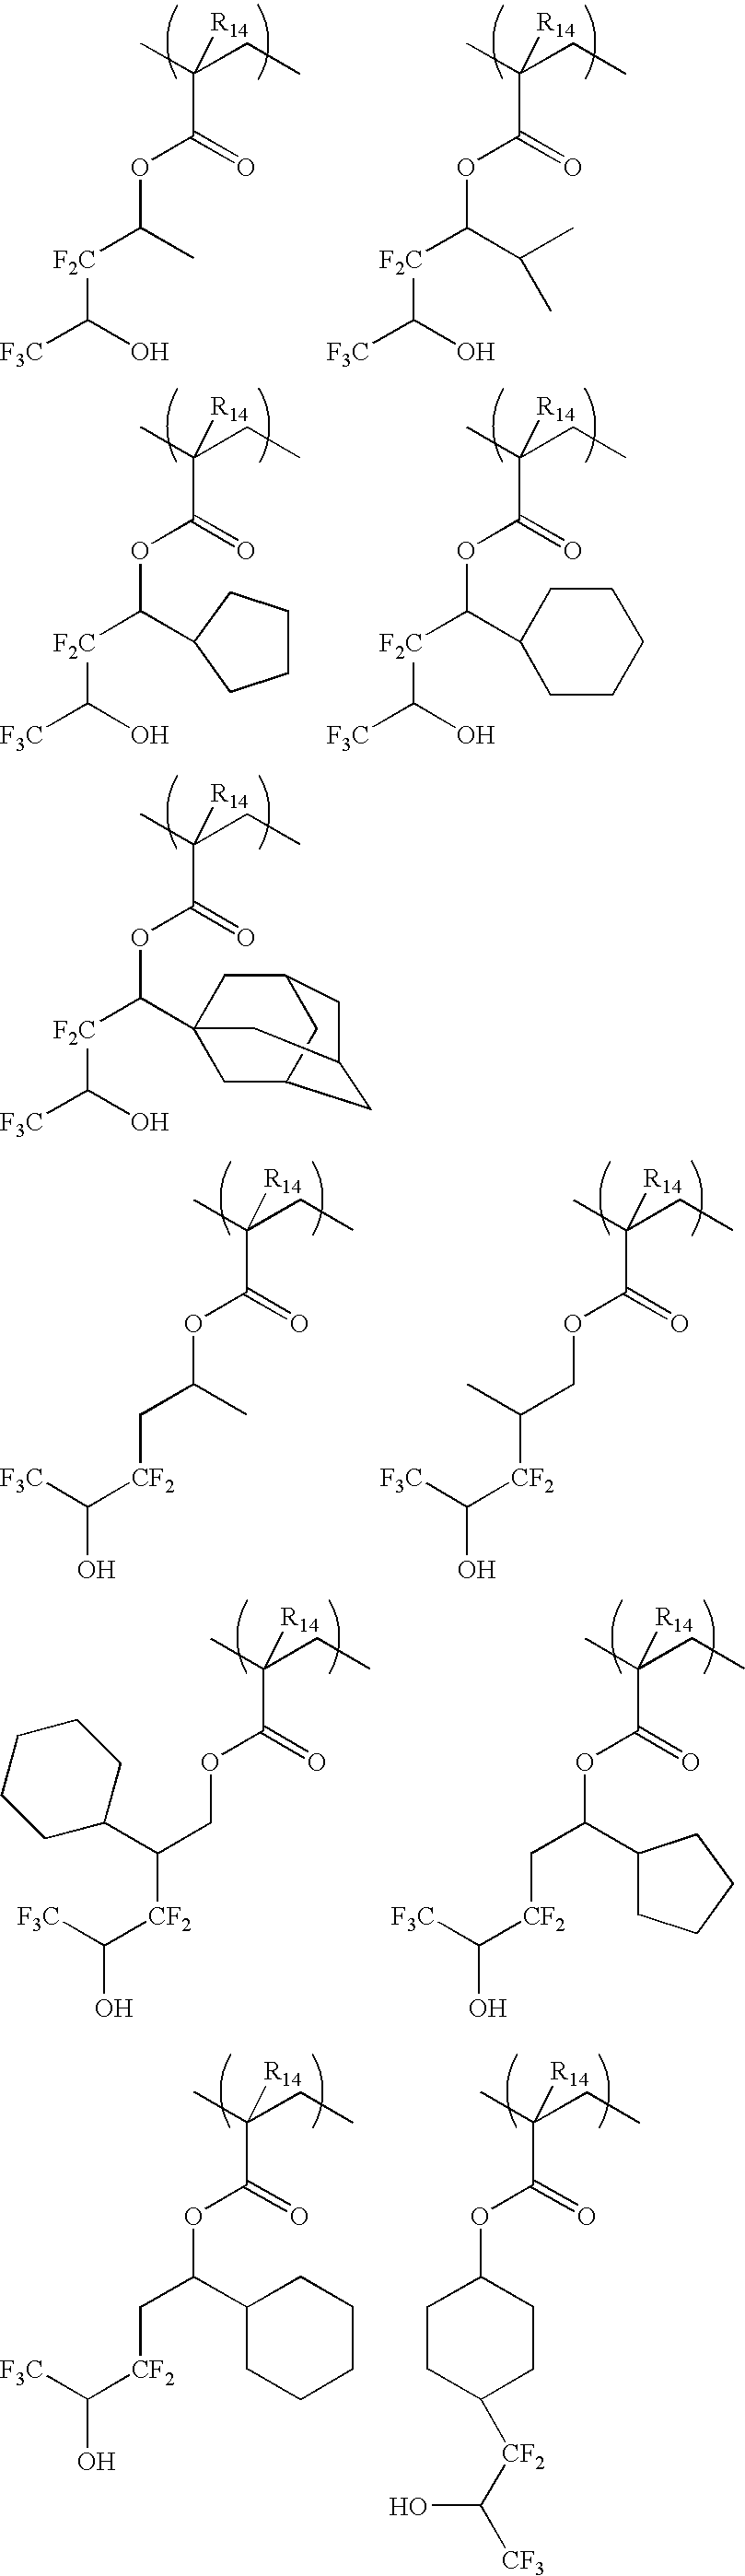 Figure US07771913-20100810-C00021